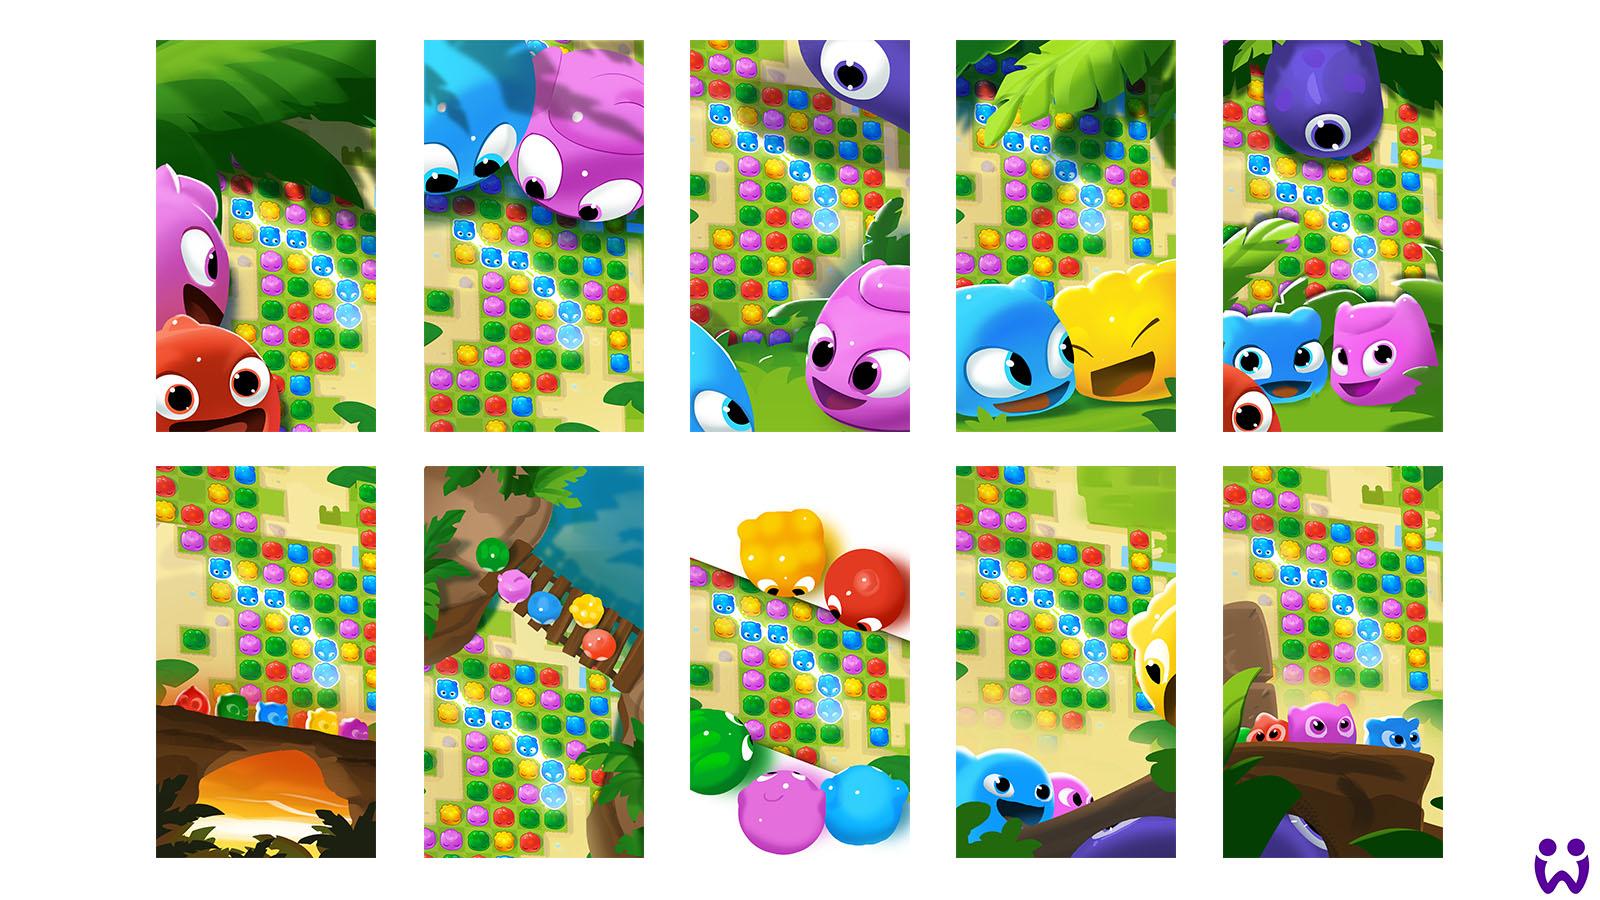 Eine Vielzahl von Skizzen die die Interaktion von Ingame-Spielfelddarstellung und Charakterillustration zeigt. Für Wooga's Mobilegame Jelly Splash.